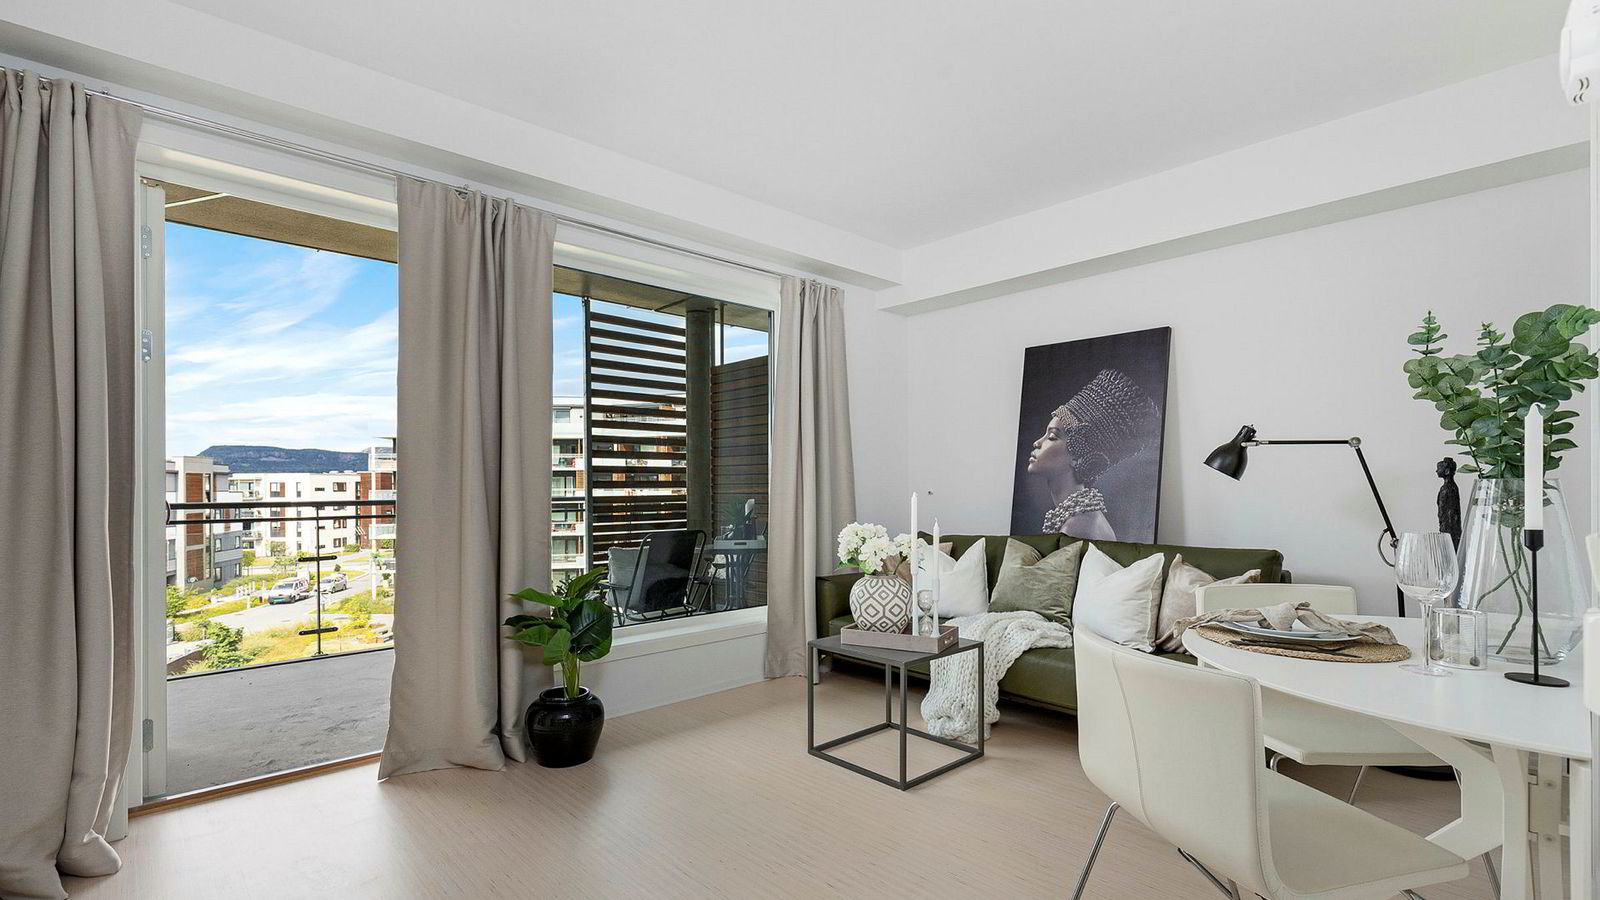 Toromsleiligheter i Oslo mellom 4,5 og 5 millioner har solgt dårligere siste året, ifølge flere meglere. Bildet viser en toroms på Fornebu.